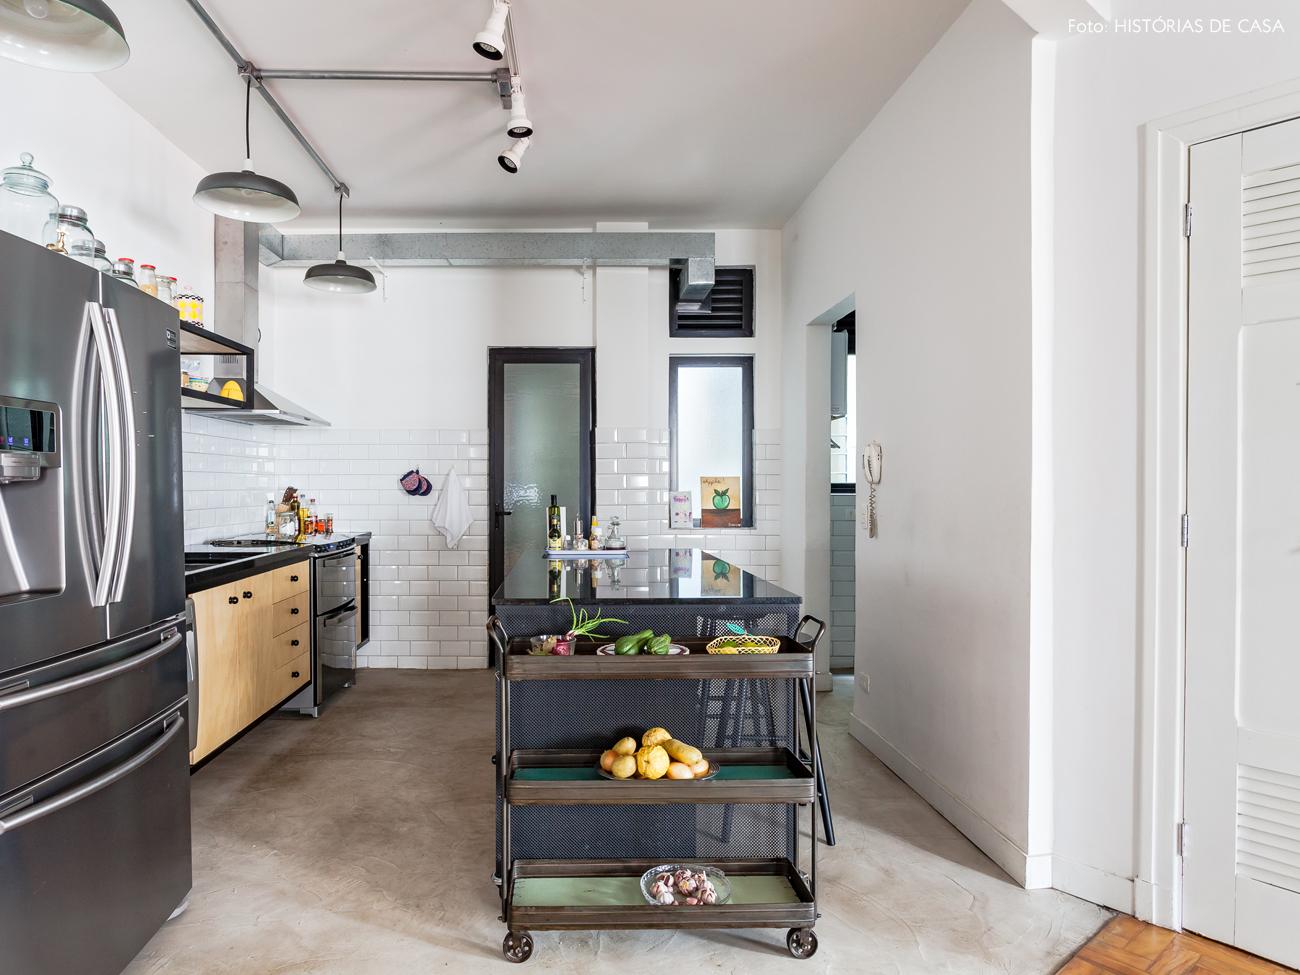 30-decoracao-cozinha-integrada-industrial-cimento-queimado